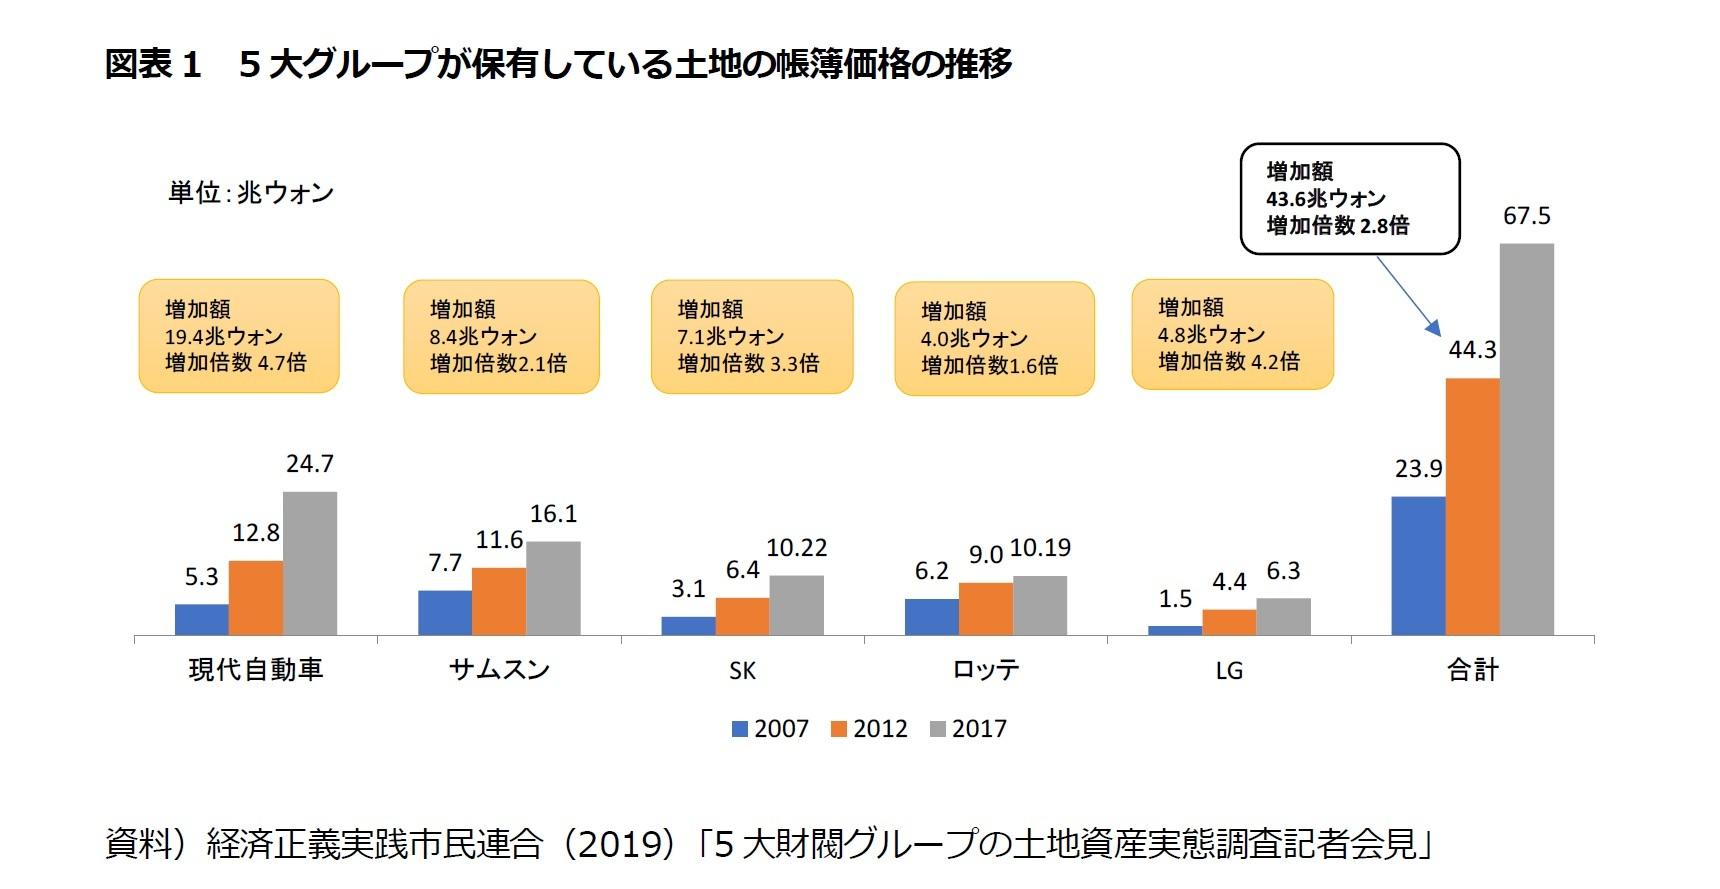 図表1 5大グループが保有している土地の帳簿価格の推移